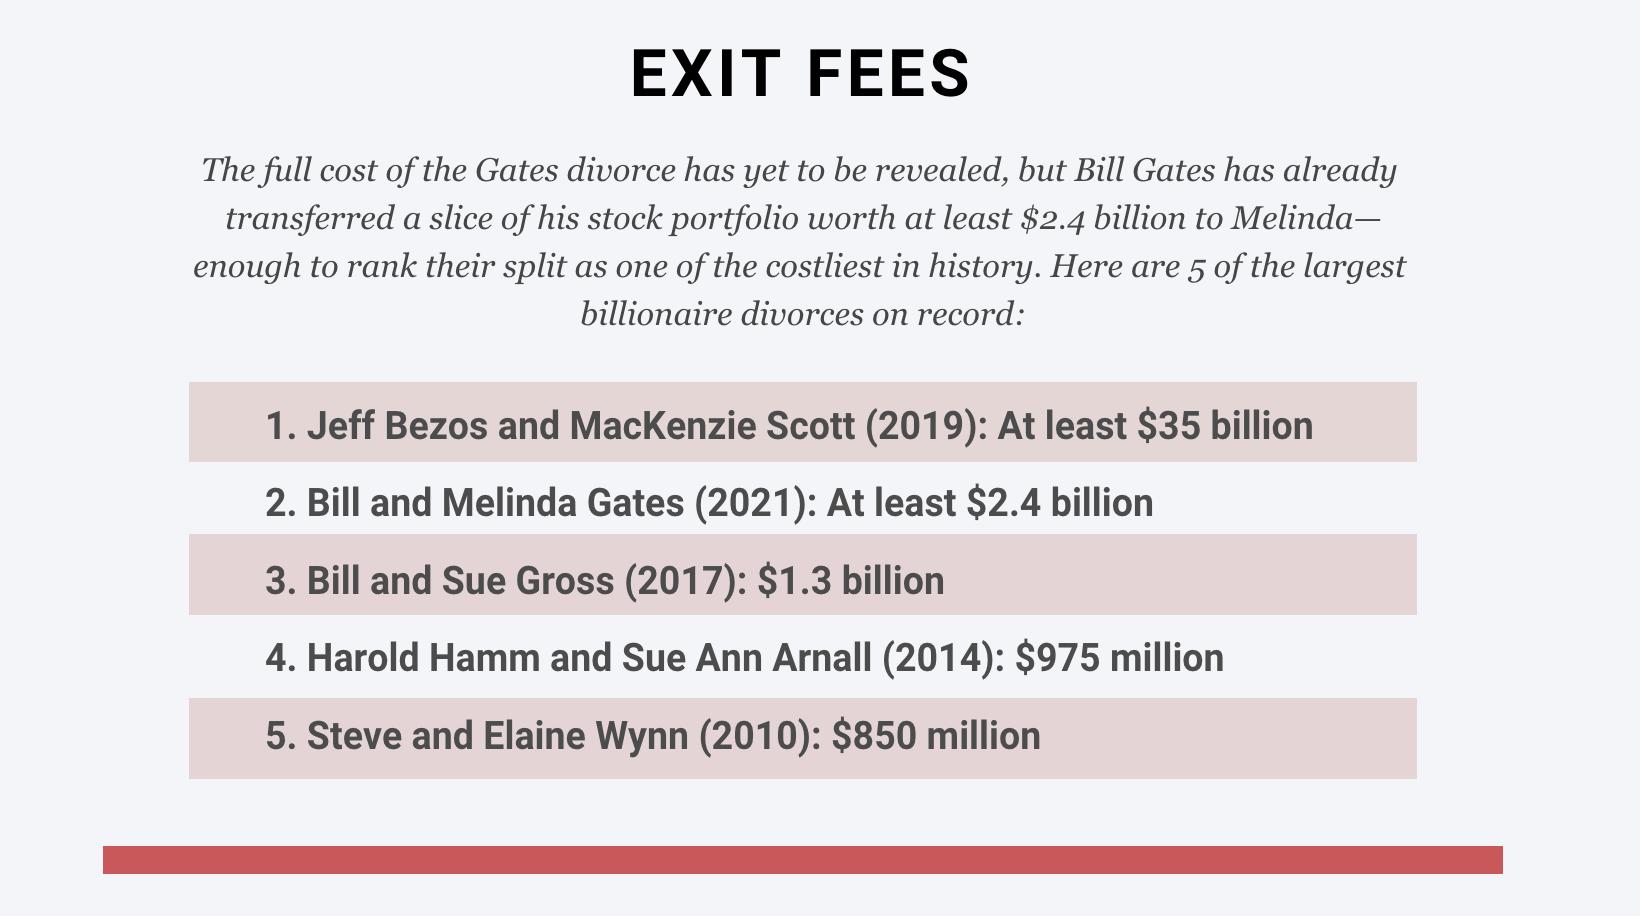 Các cuộc hôn nhân tỷ đô và những cuộc ly hôn cay đắng - Ảnh 4.